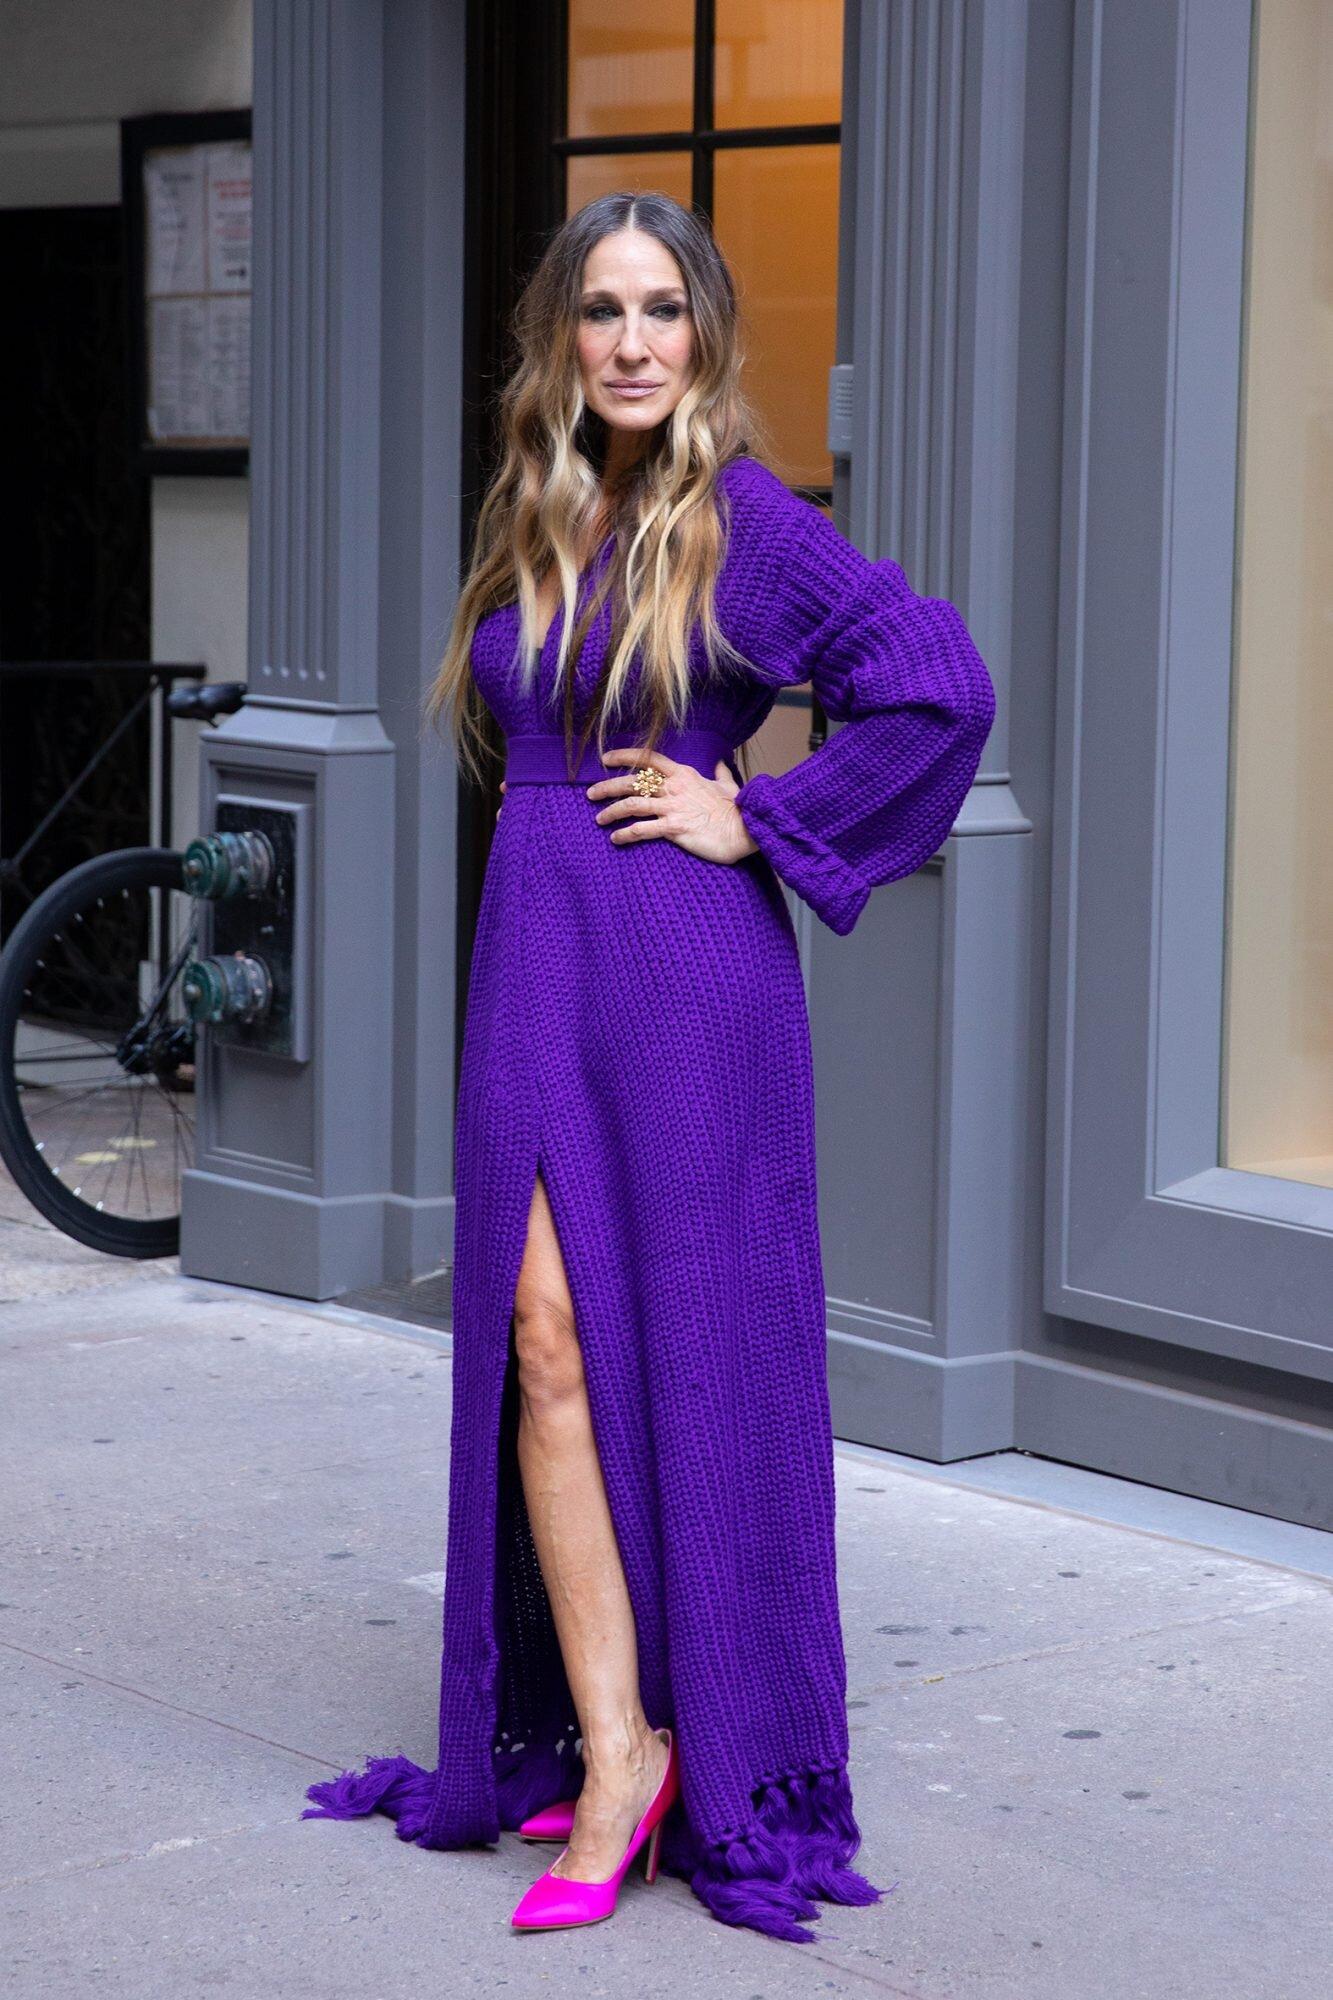 寒冷冬日怎么穿最时髦?好莱坞当红女星示范16种超美穿搭技巧